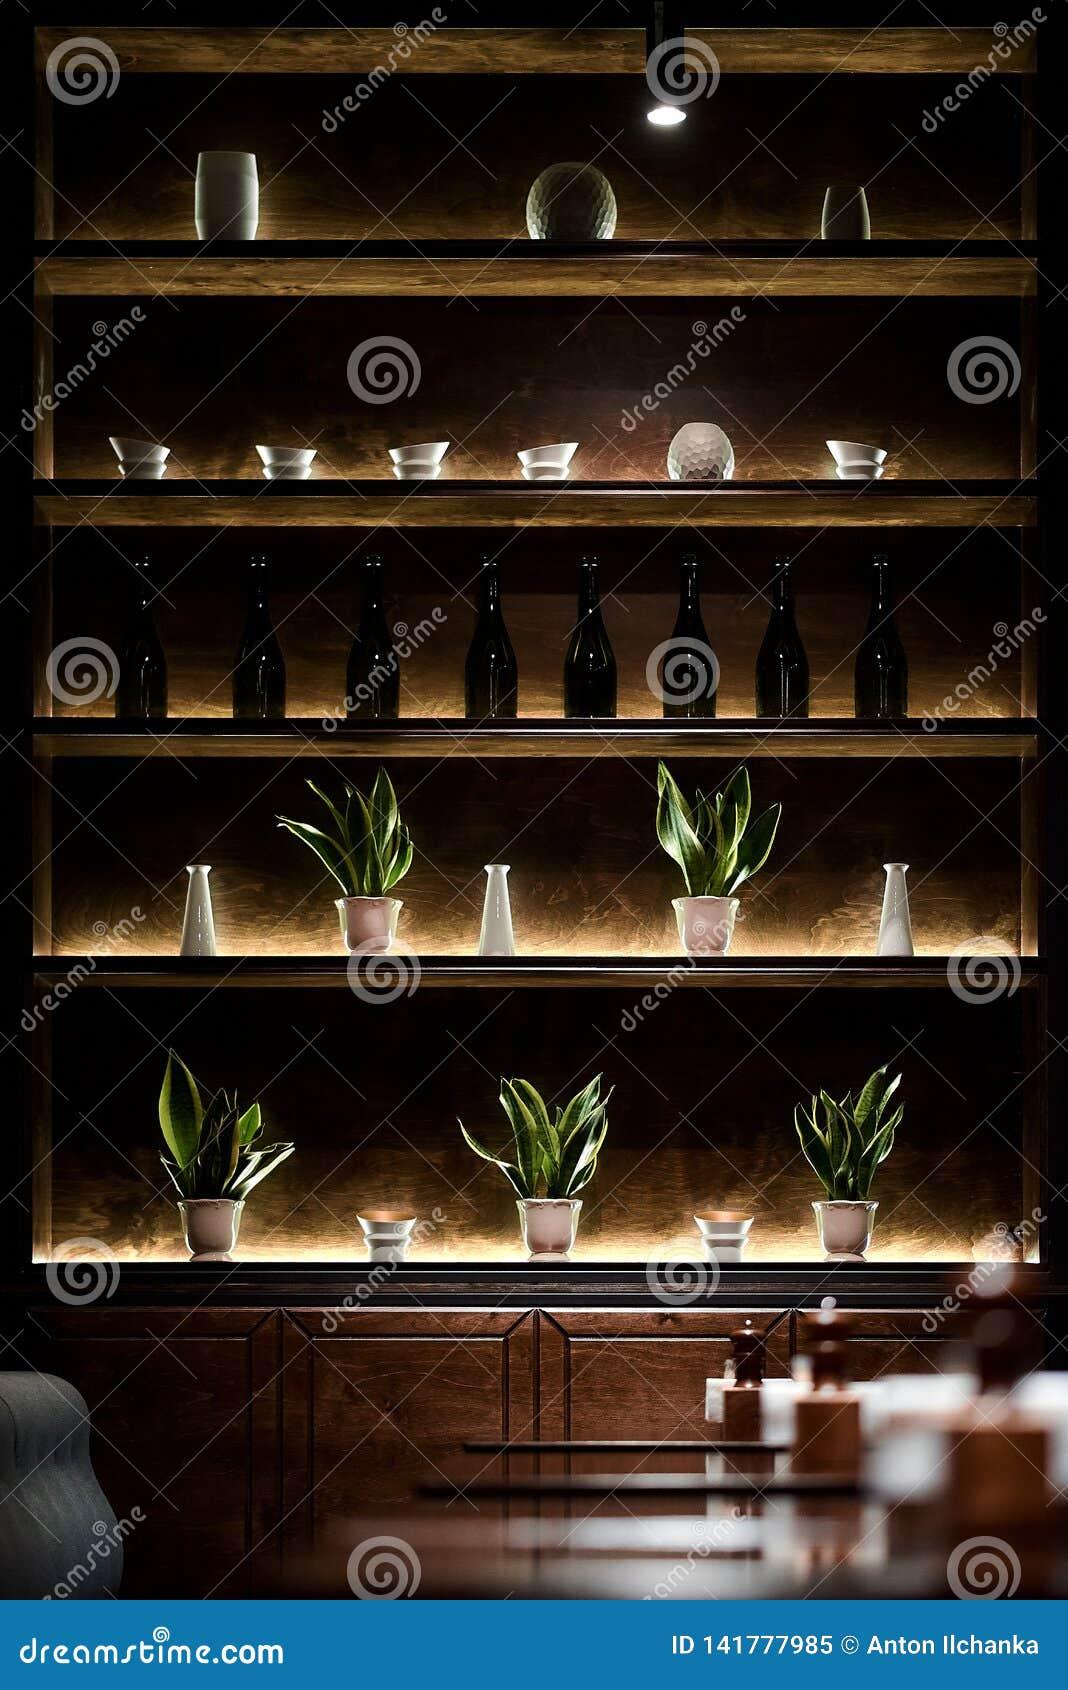 Stangenregal mit Flaschenblitz durch geführte Lampen